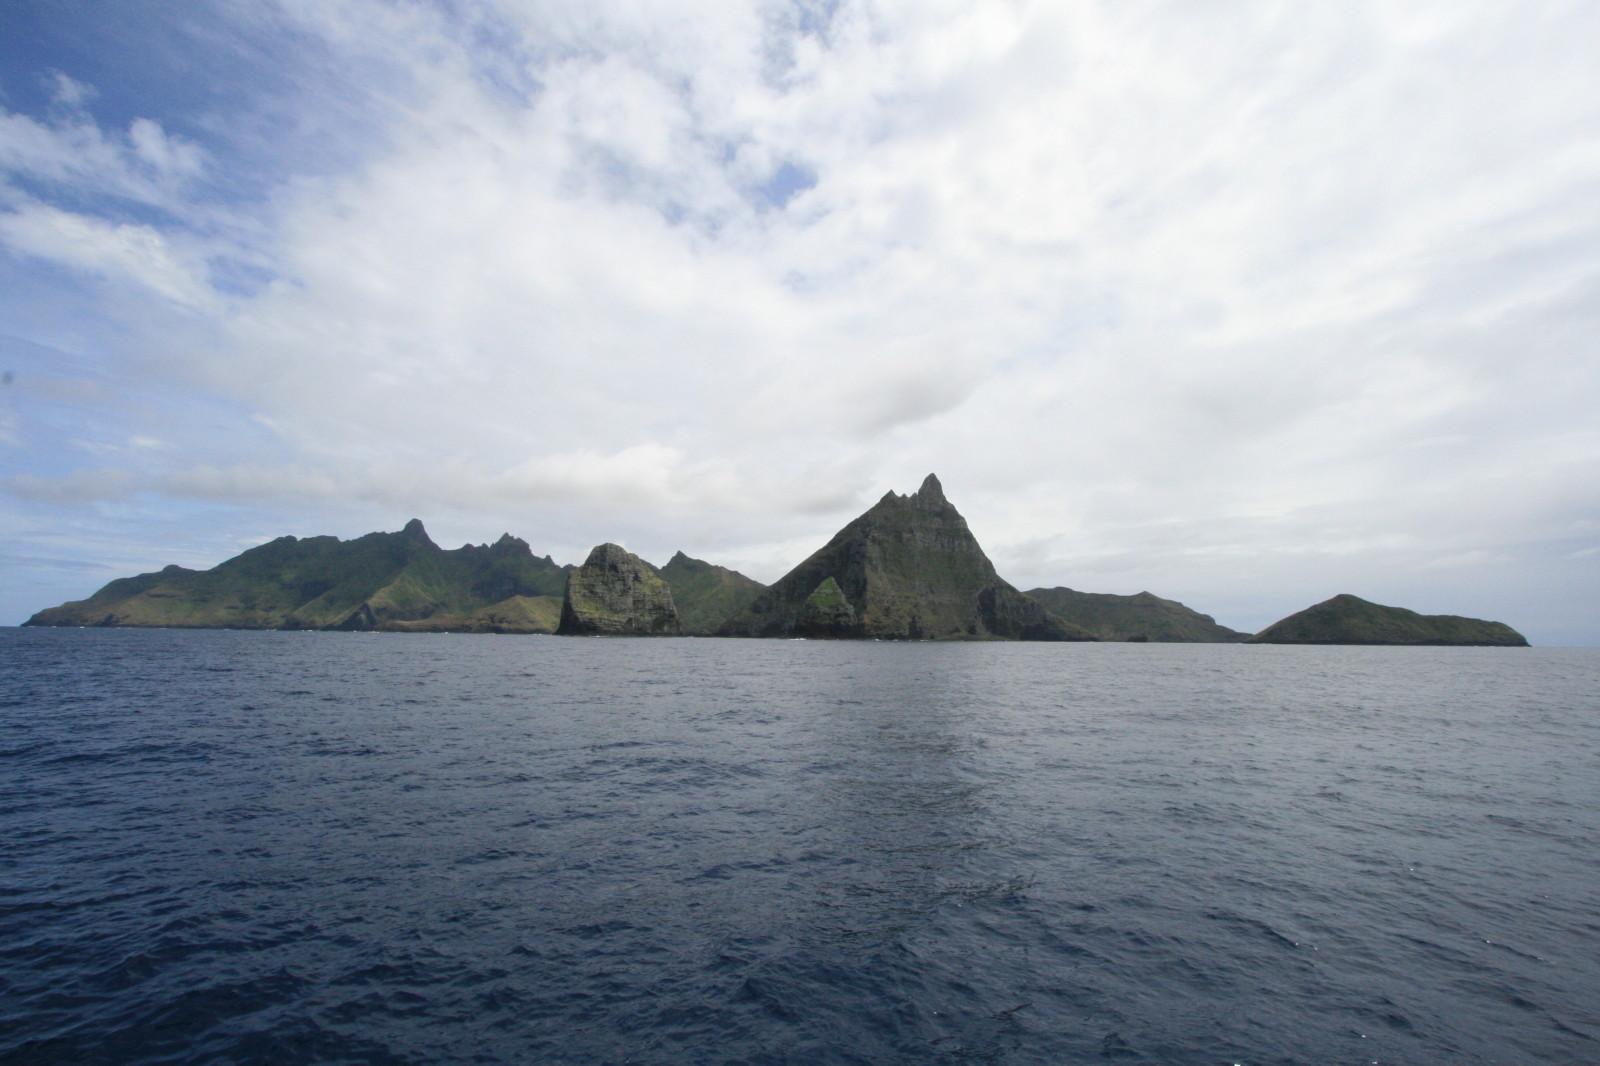 Le projet de la plus grande aire marine protégée présenté et défendu par l'association Rahui Nui no Tuha'a Pae ne verra très probablement jamais le jour ©DR